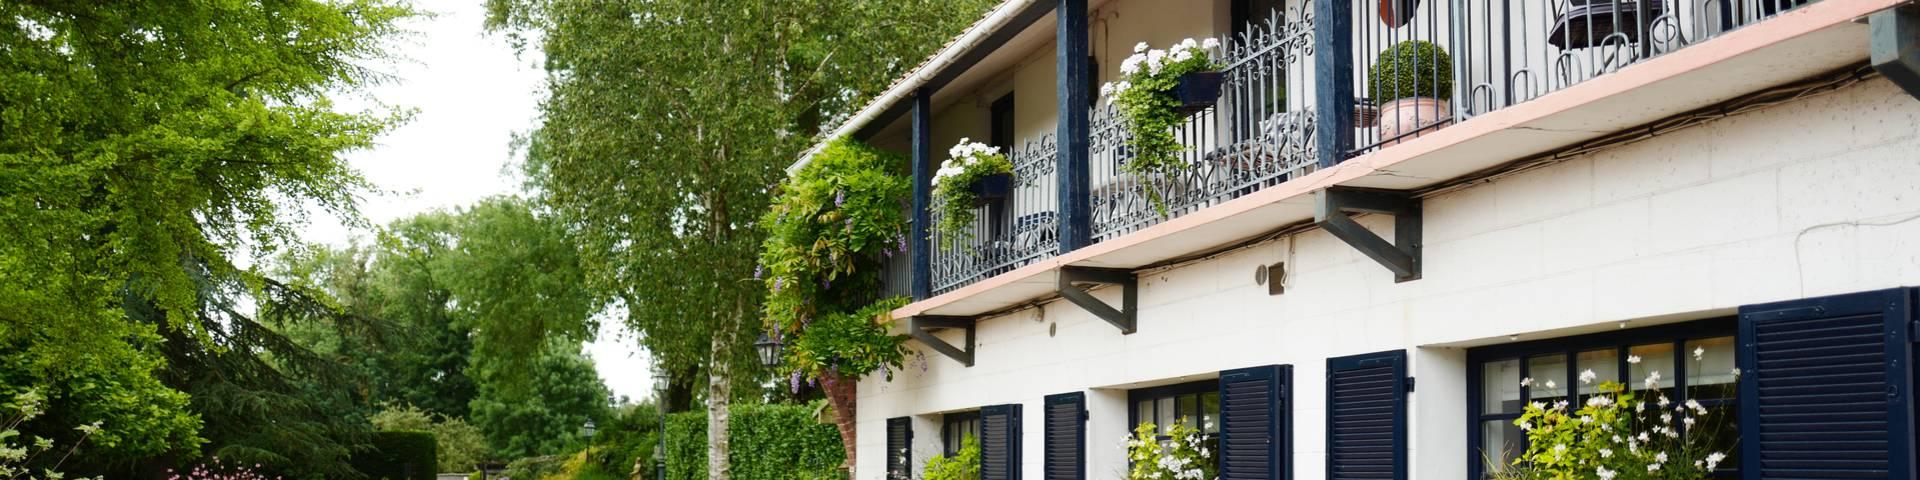 Le domaine de la frenaie office de tourisme valenciennes tourisme congr s - Office tourisme valenciennes ...